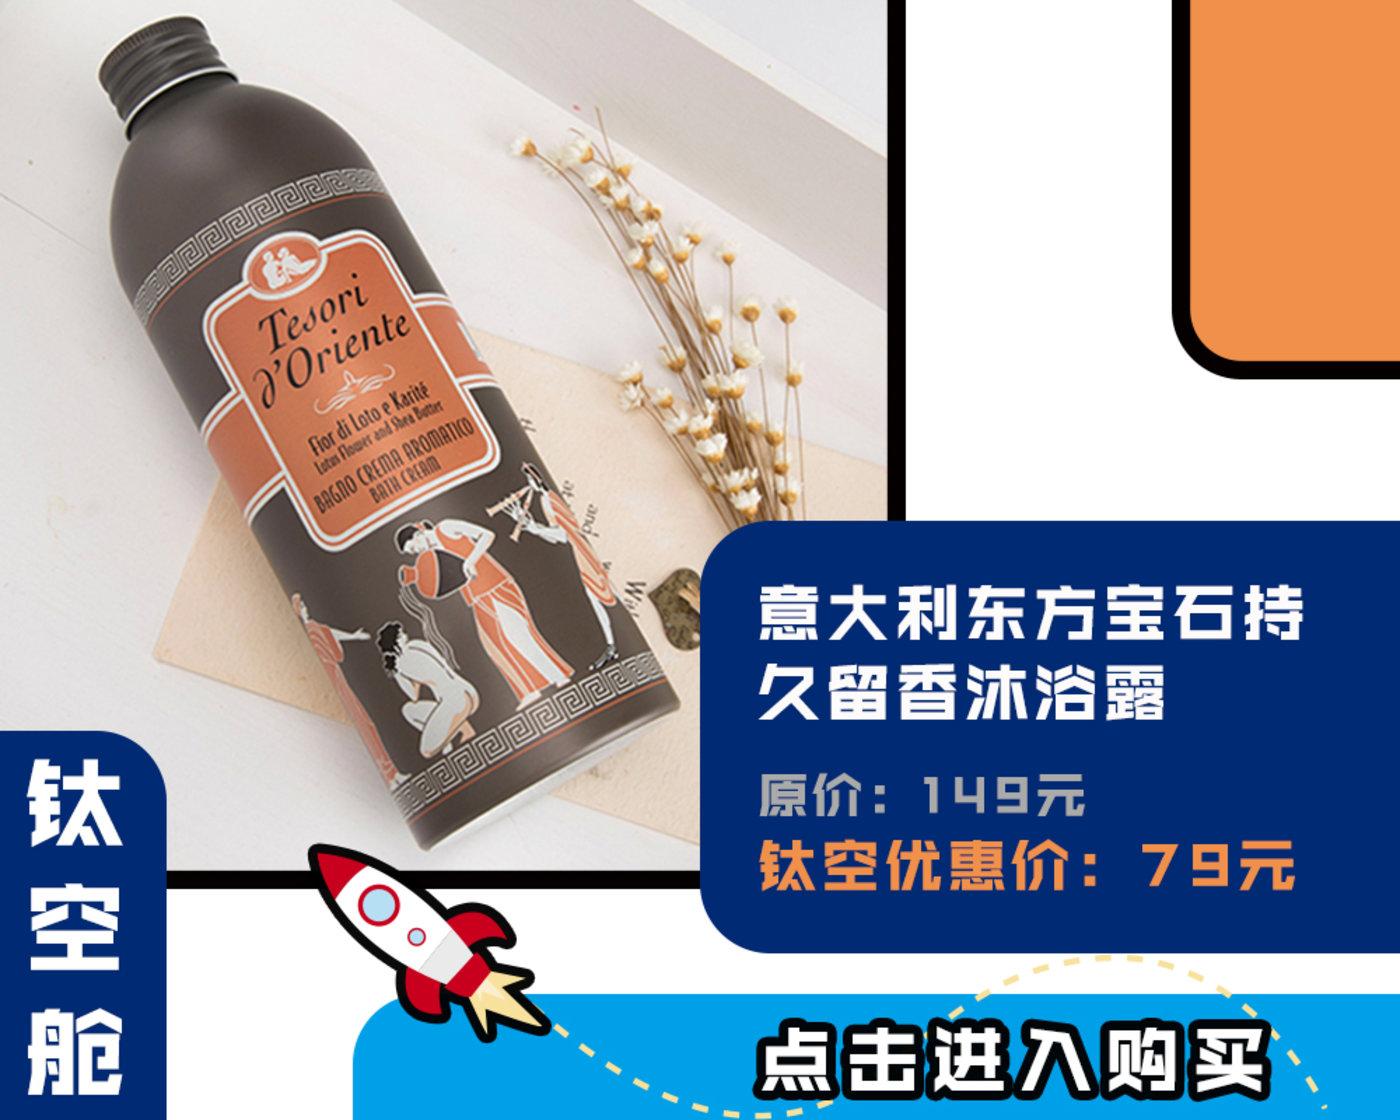 脱发、鸡皮肤、干燥冒痘,原因竟然藏在洗澡水里   钛空实测